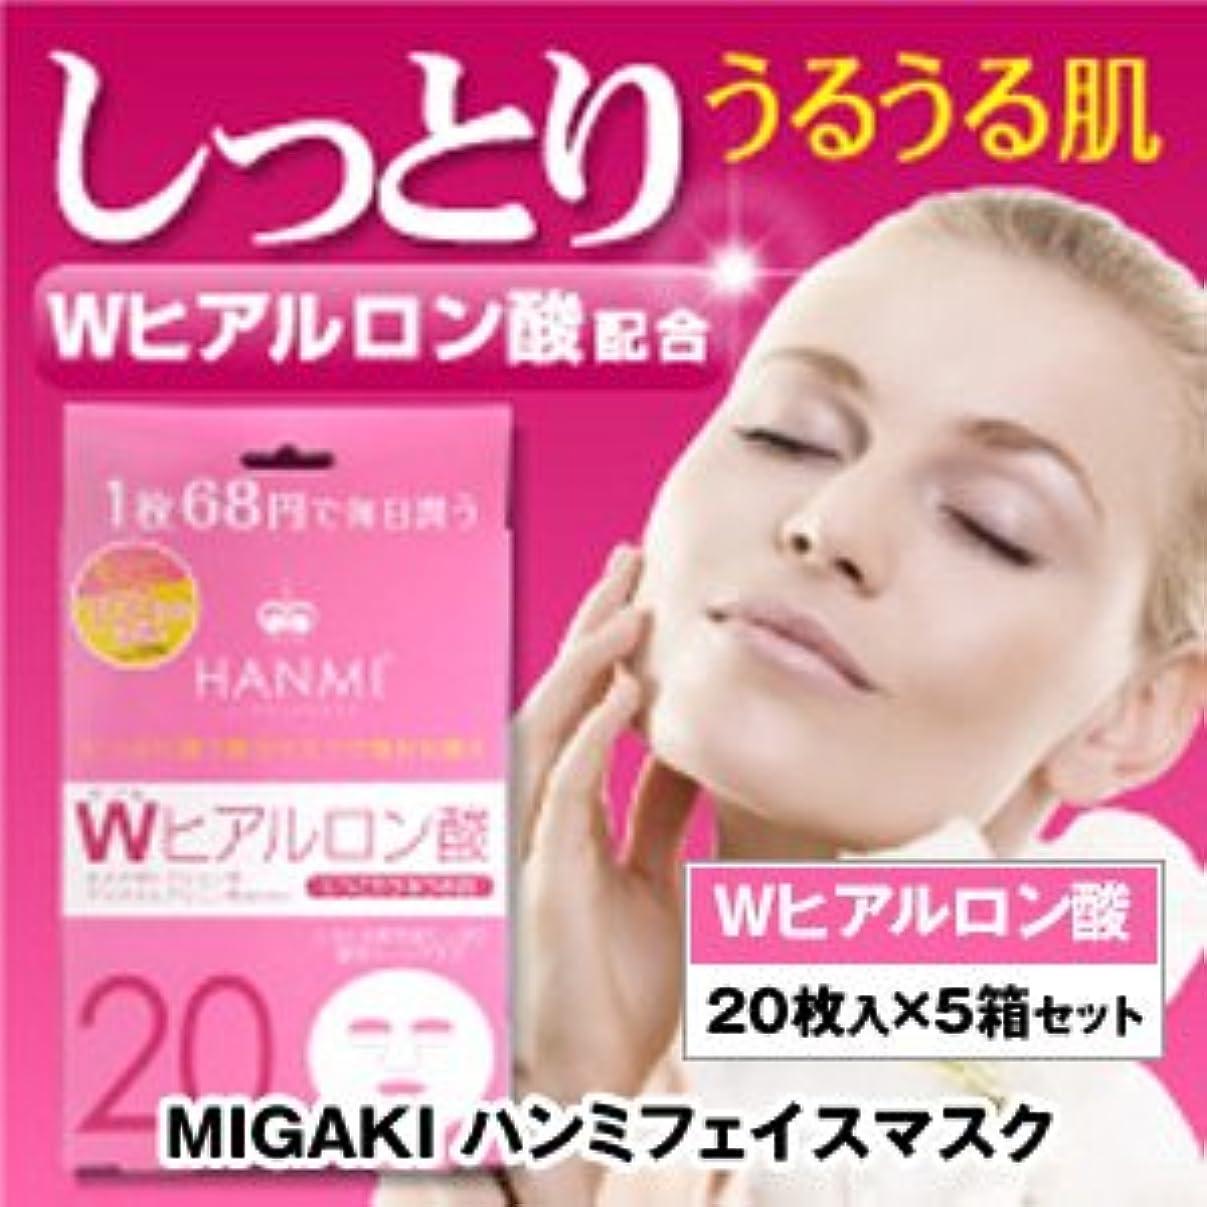 思いやりのある脳アクセスできないMIGAKI ハンミフェイスマスク Wヒアルロン酸 5箱セット